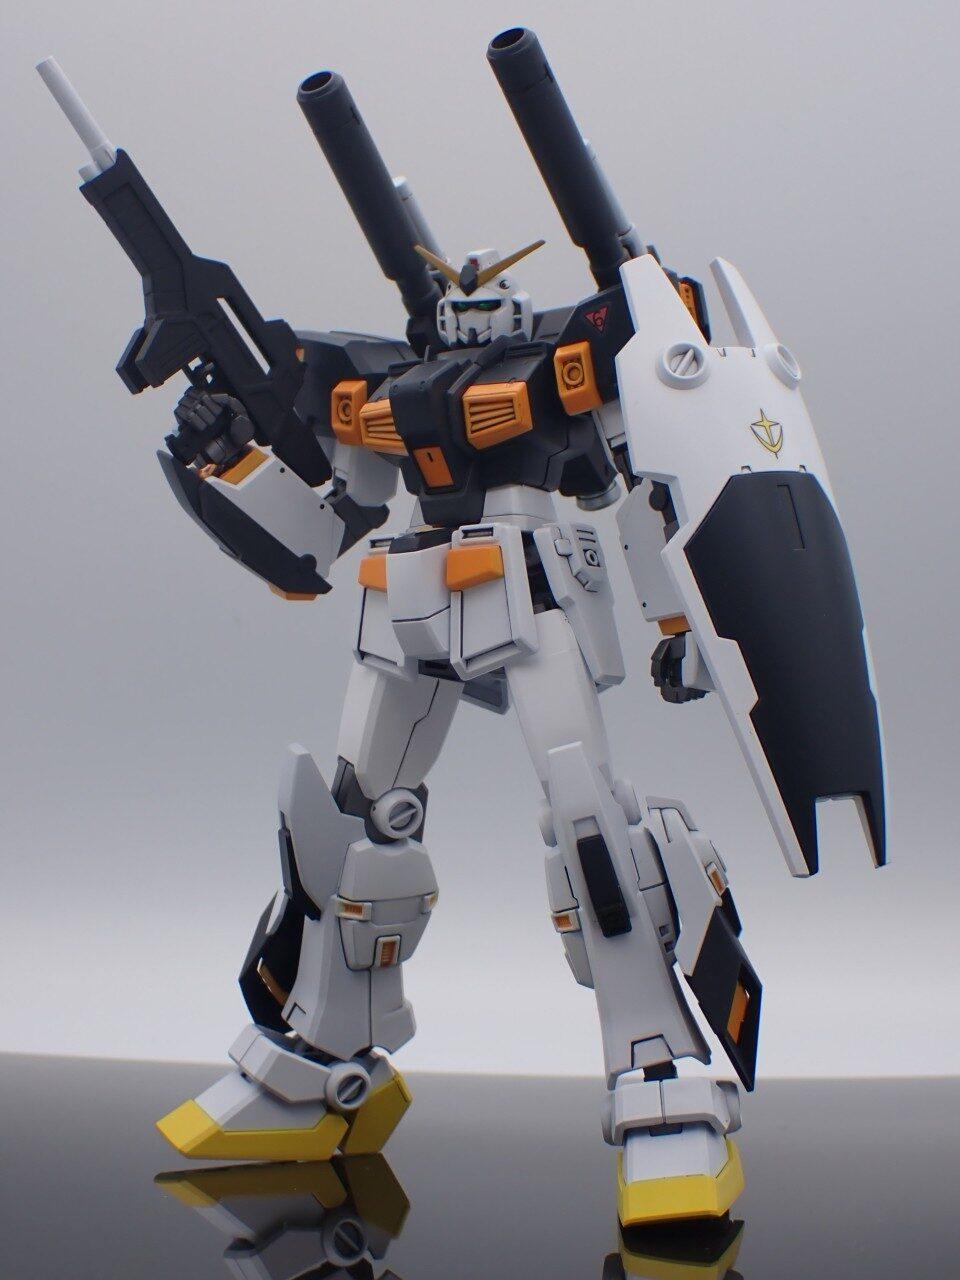 HG ガンダム6号機 マドロック (プレバン限定)を全塗装!